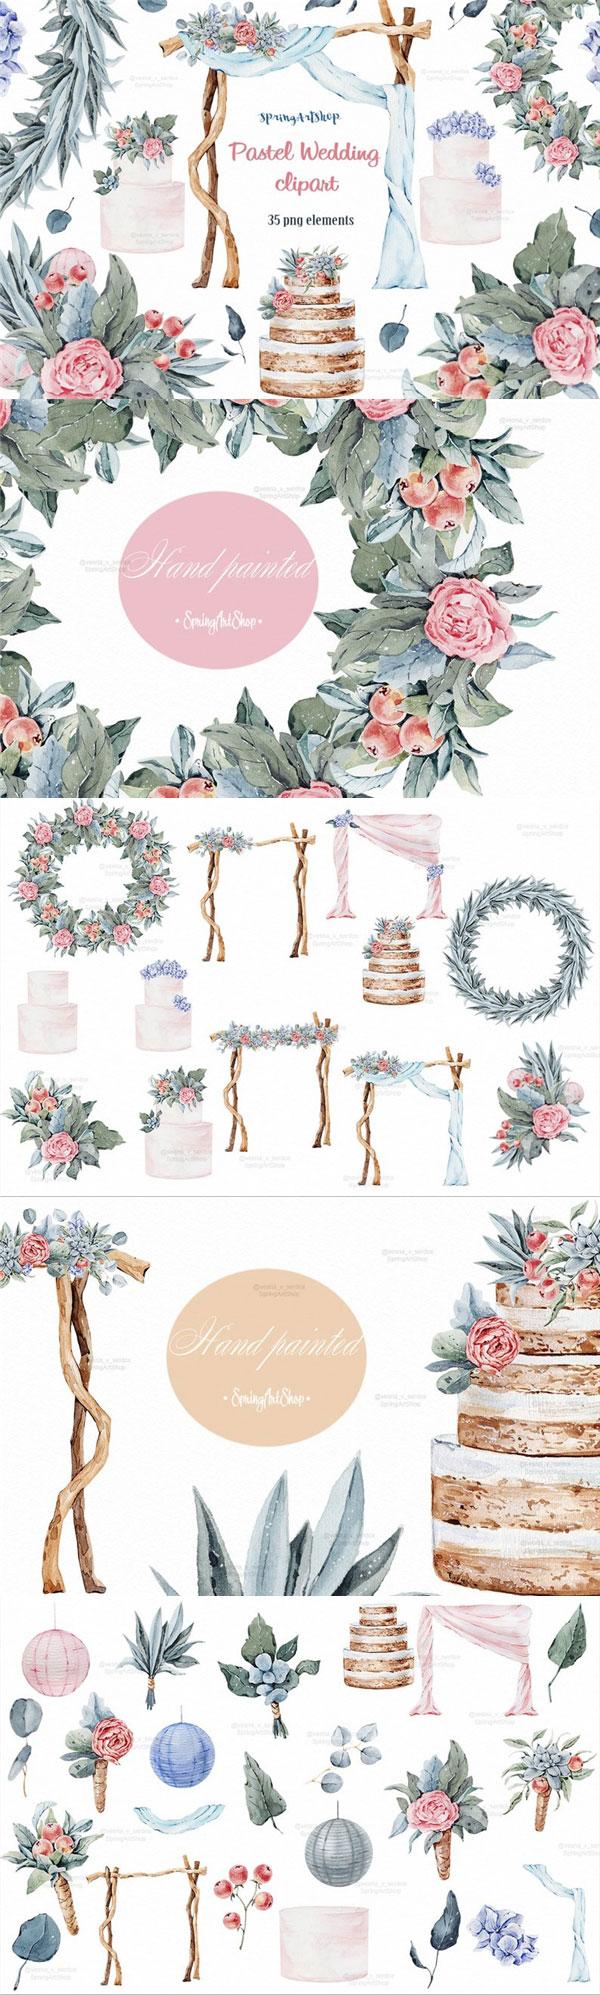 水彩婚礼蛋糕插画